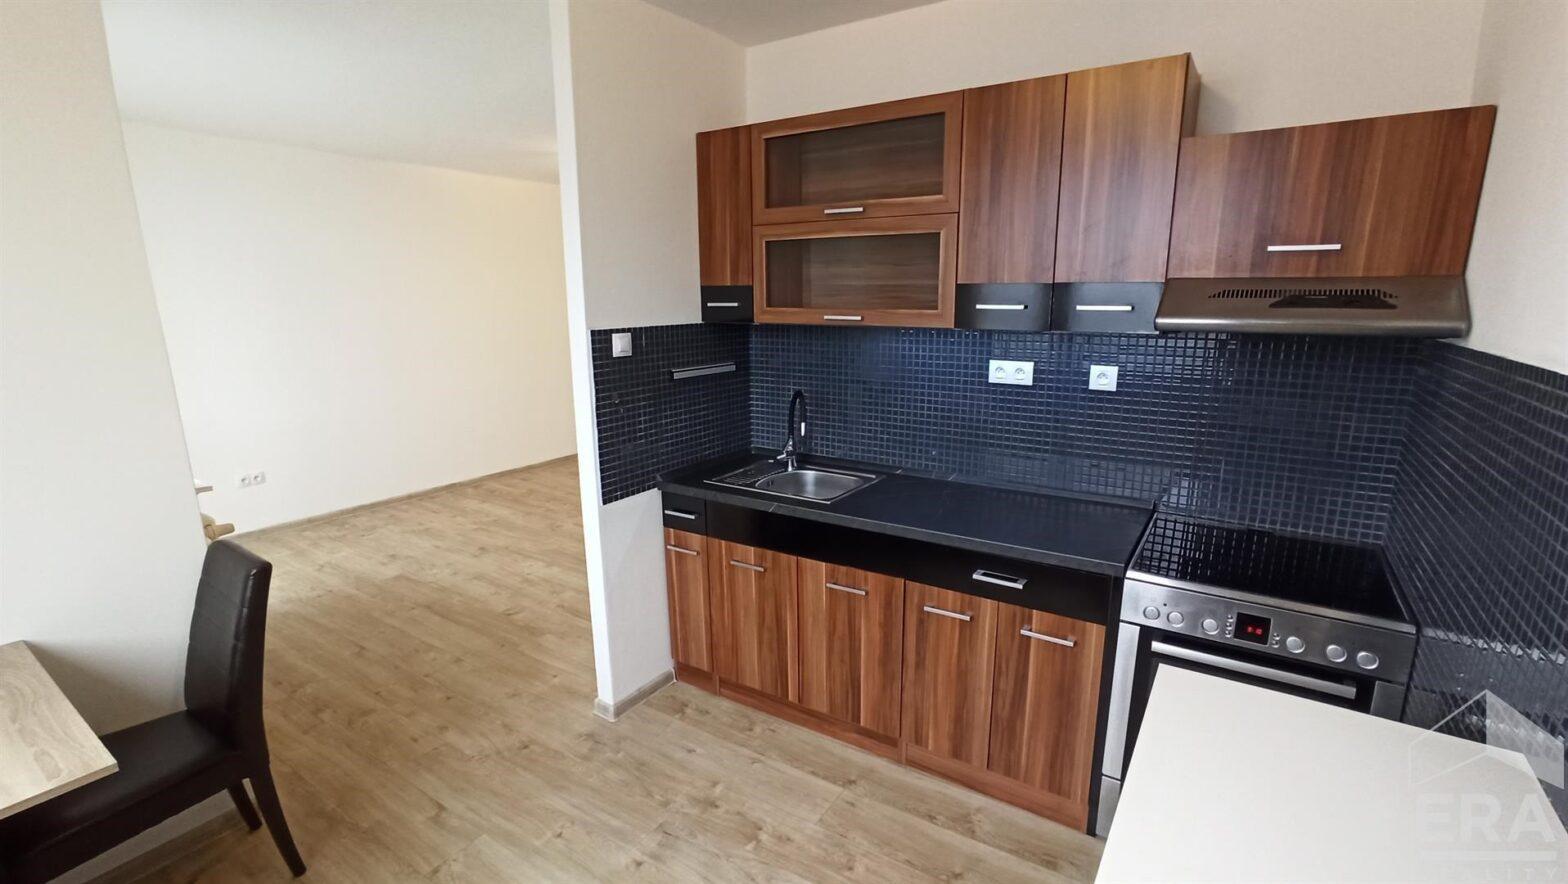 Pronájem bytu 1+kk, 37 m2, Praha – Bohnice